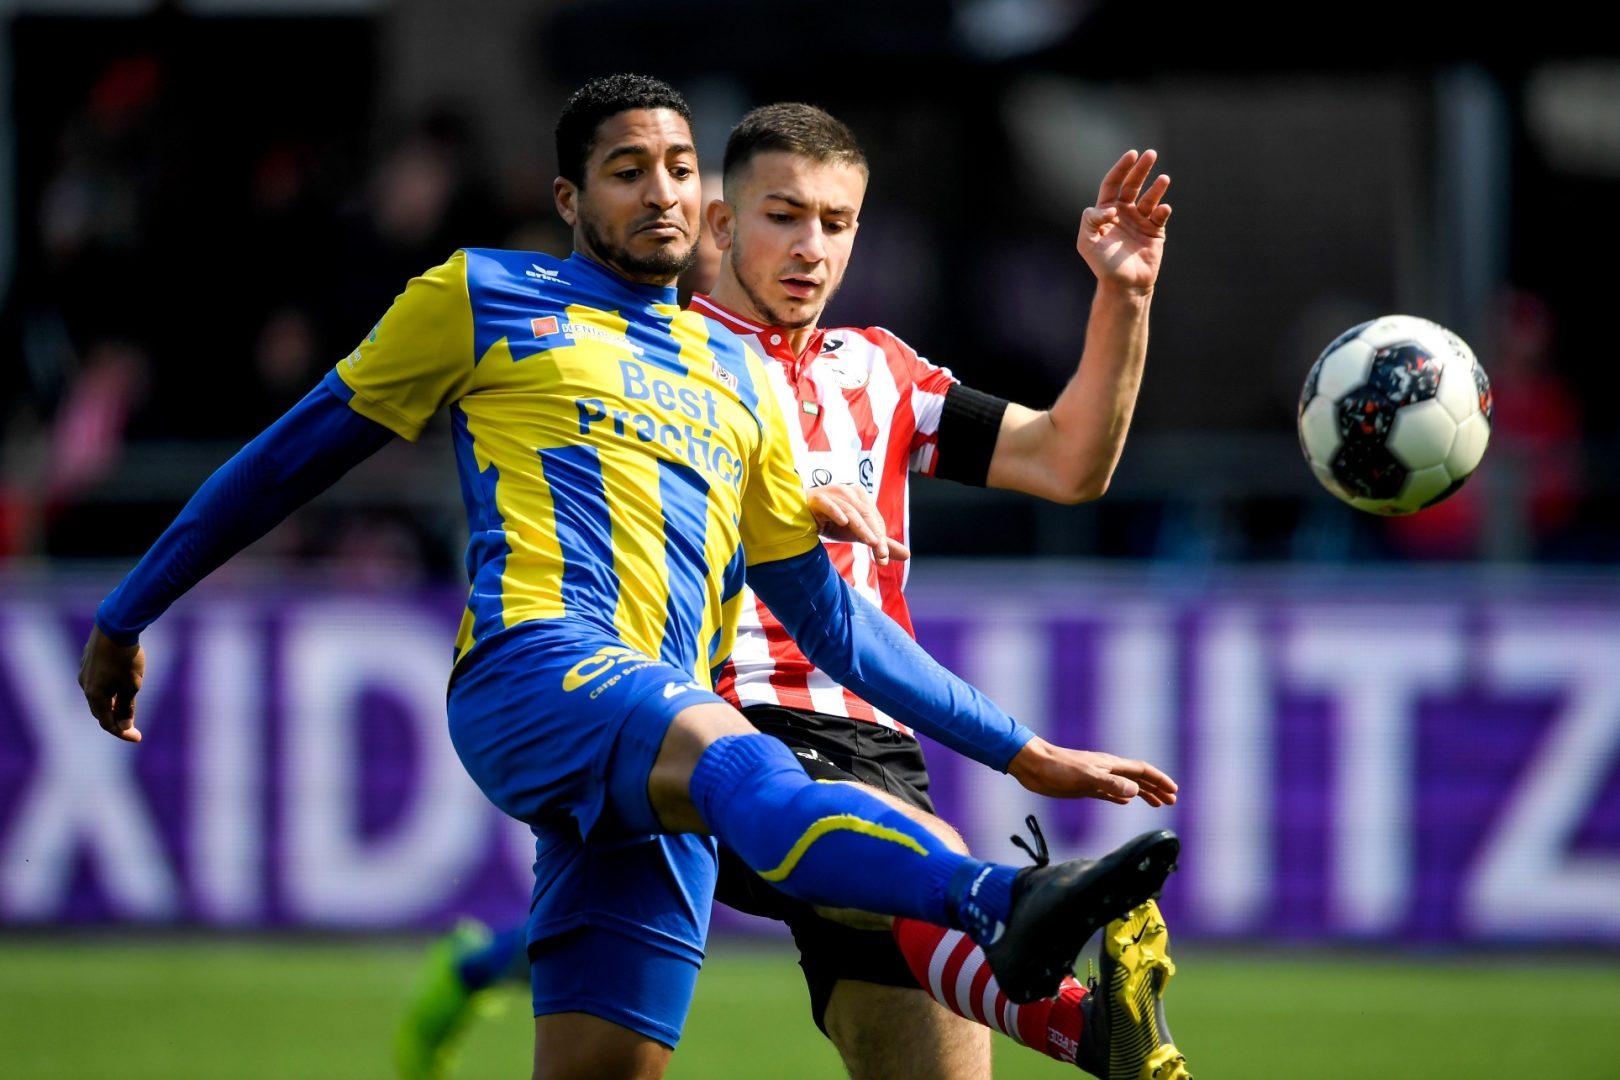 Samenvatting Sparta Rotterdam – TOP Oss